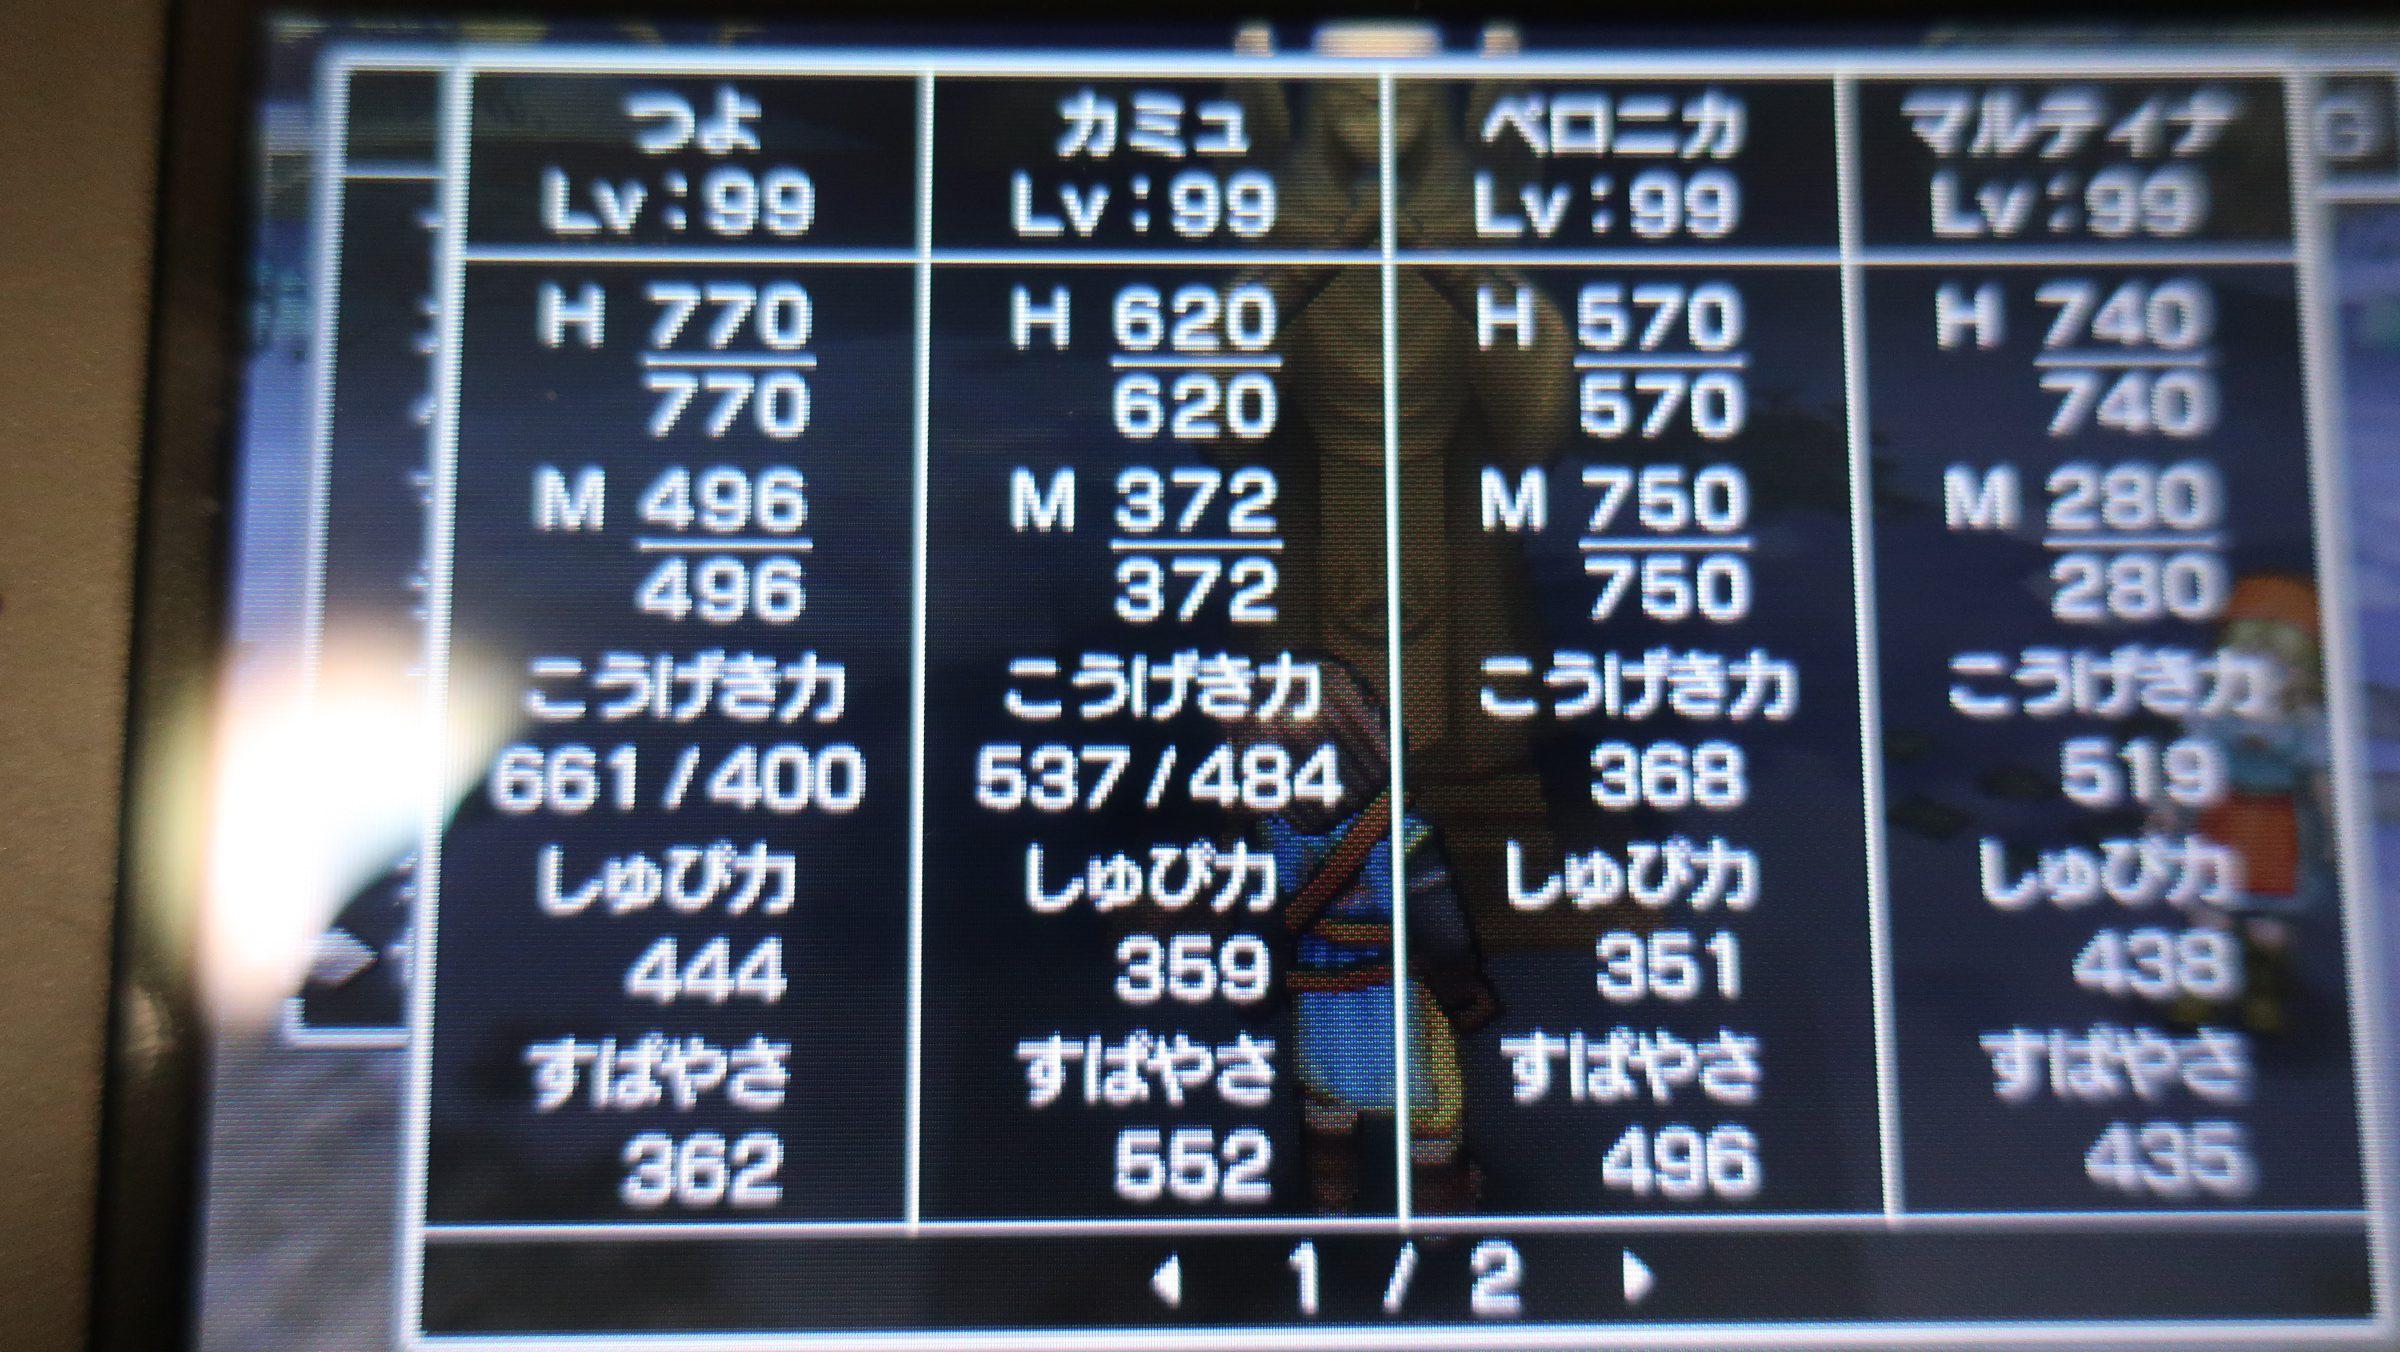 11 99 ドラクエ レベル ドラクエ11攻略 ふっかつのじゅもんの裏技で、ゲーム後半まで行く方法